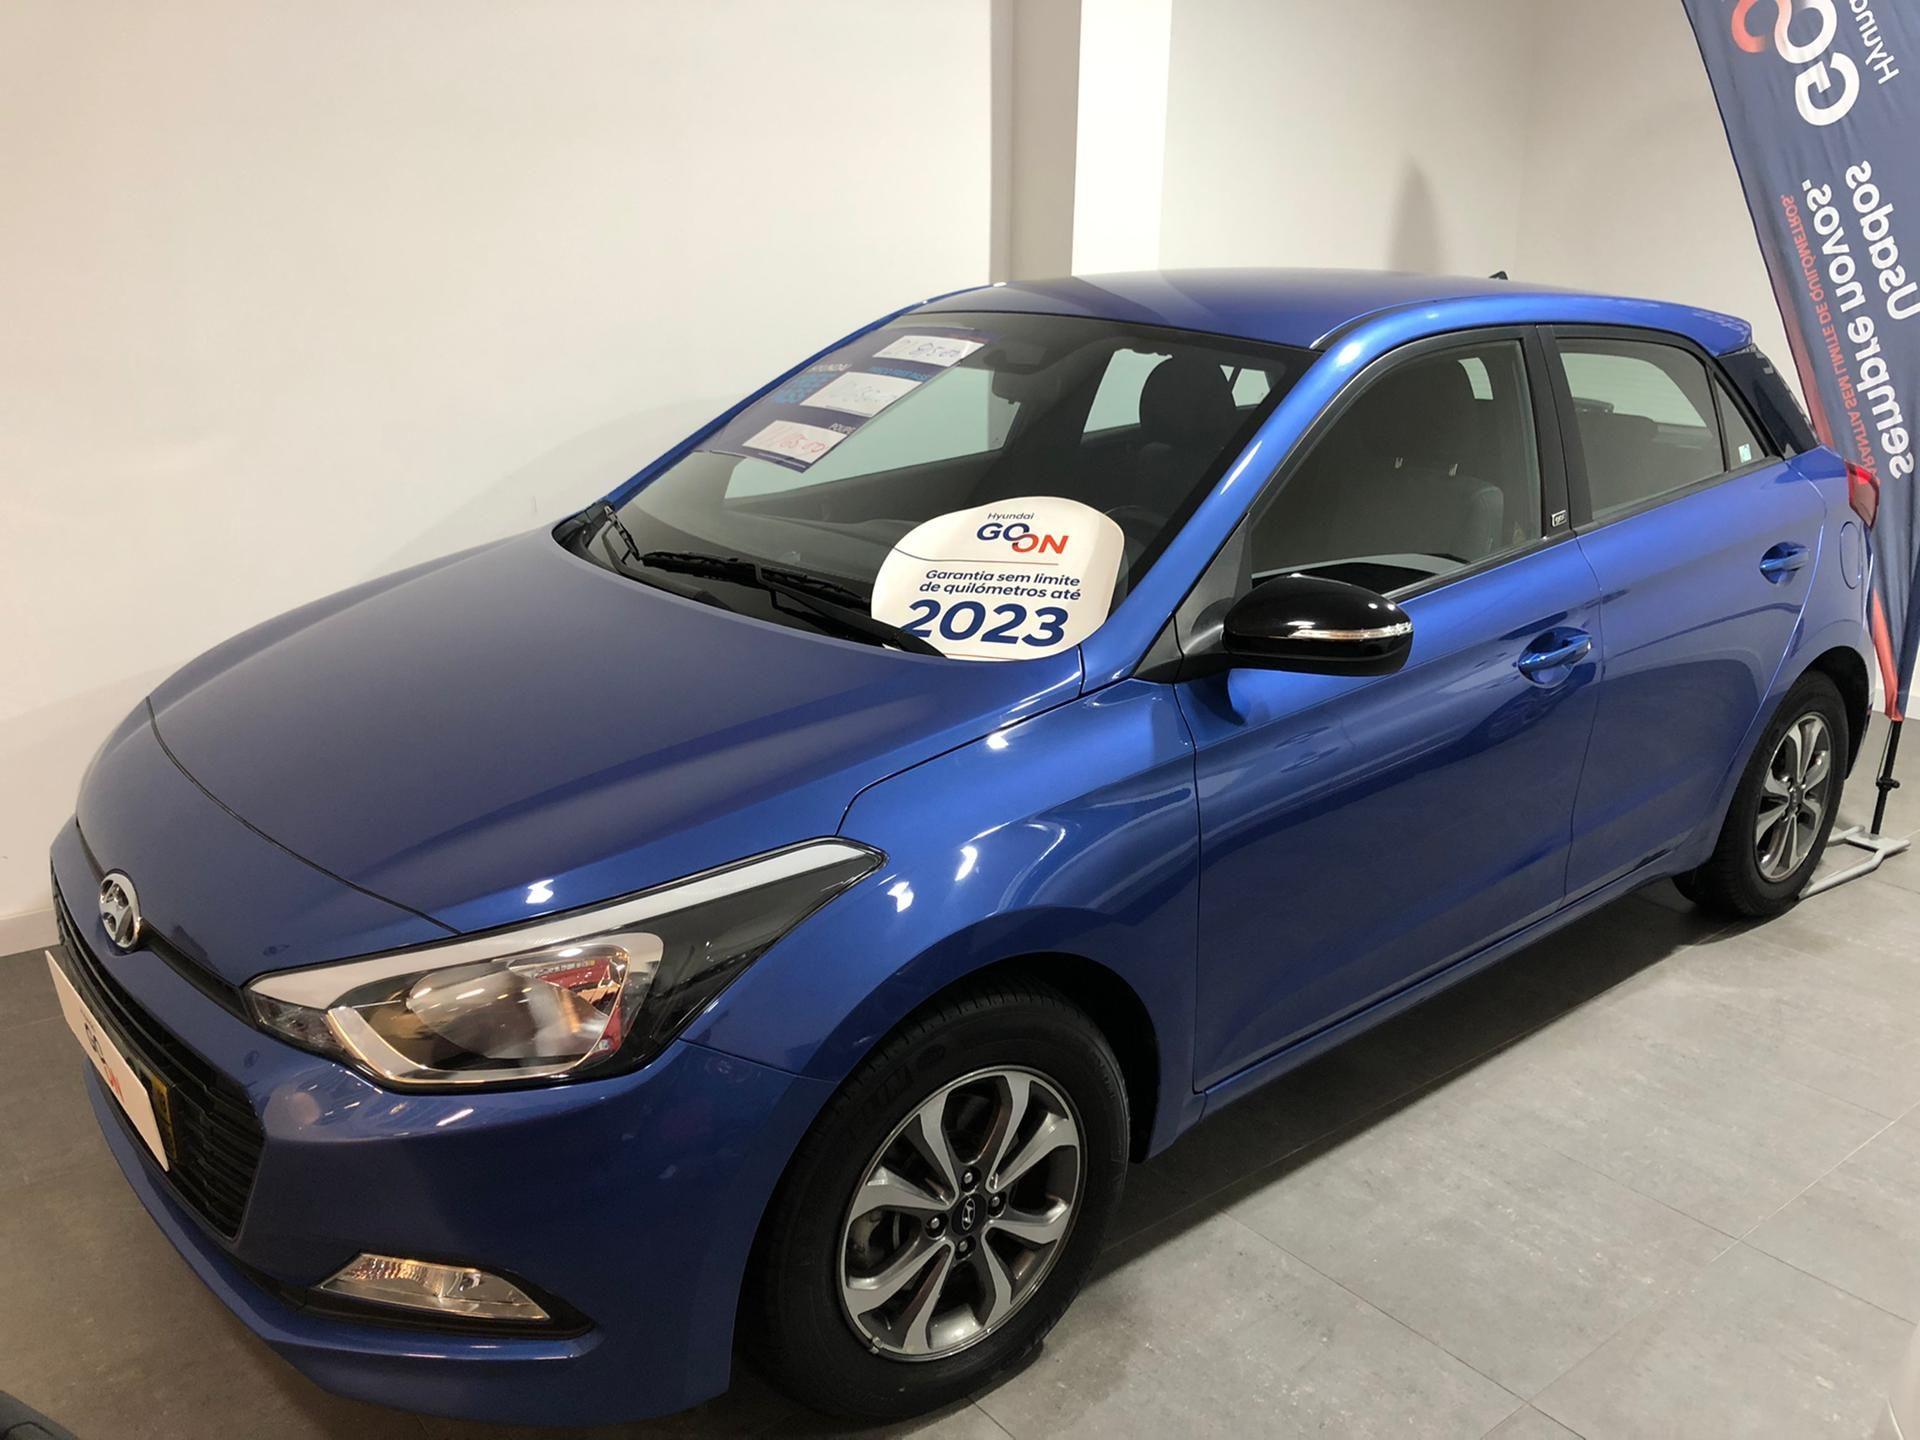 Hyundai i20 1.1 5 P GL CRDi GO! segunda mão Lisboa